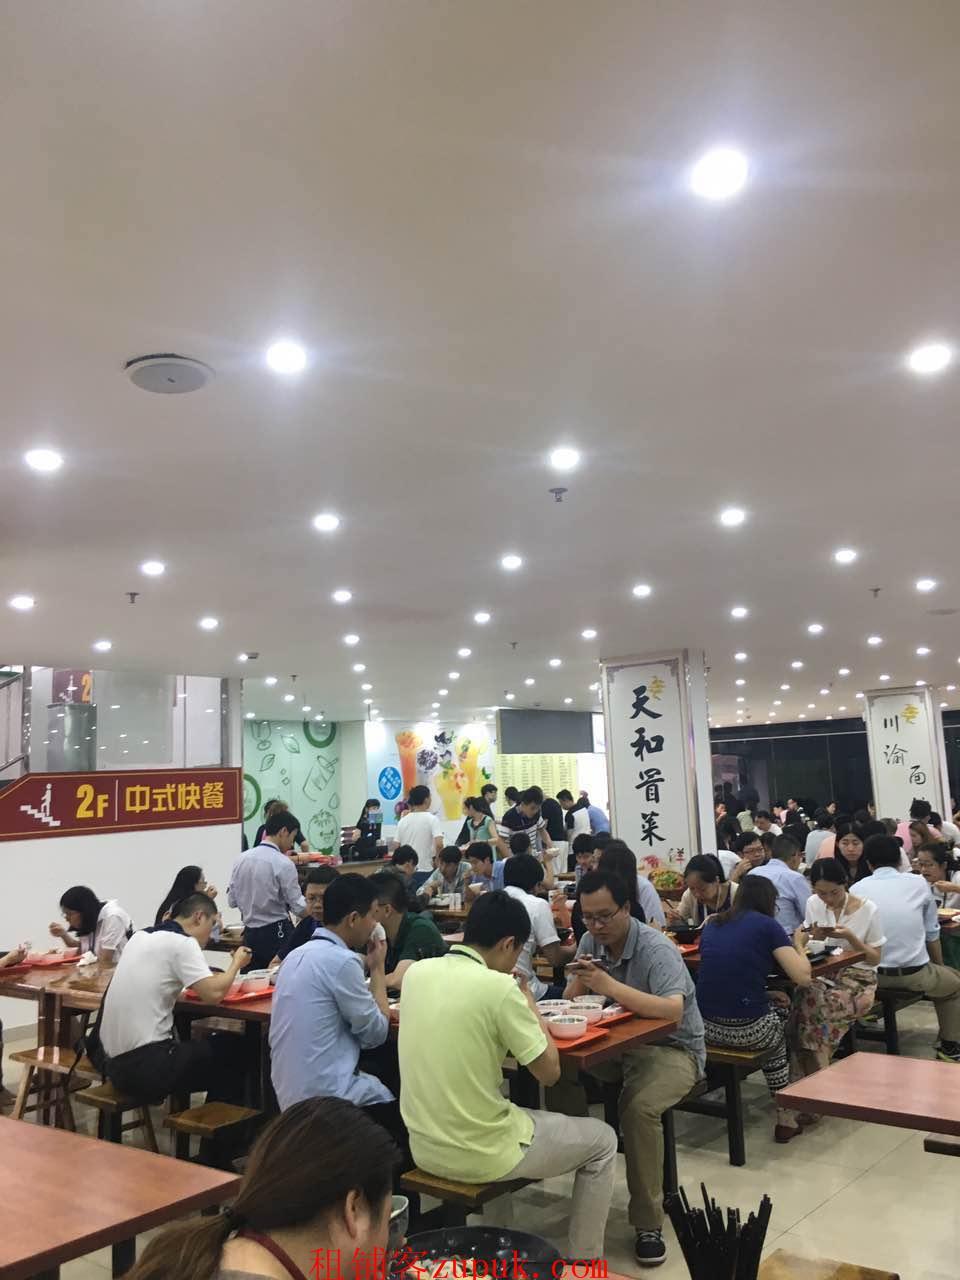 浦东外高桥创意园一楼旺铺 6万人员办公 饭点人挤人